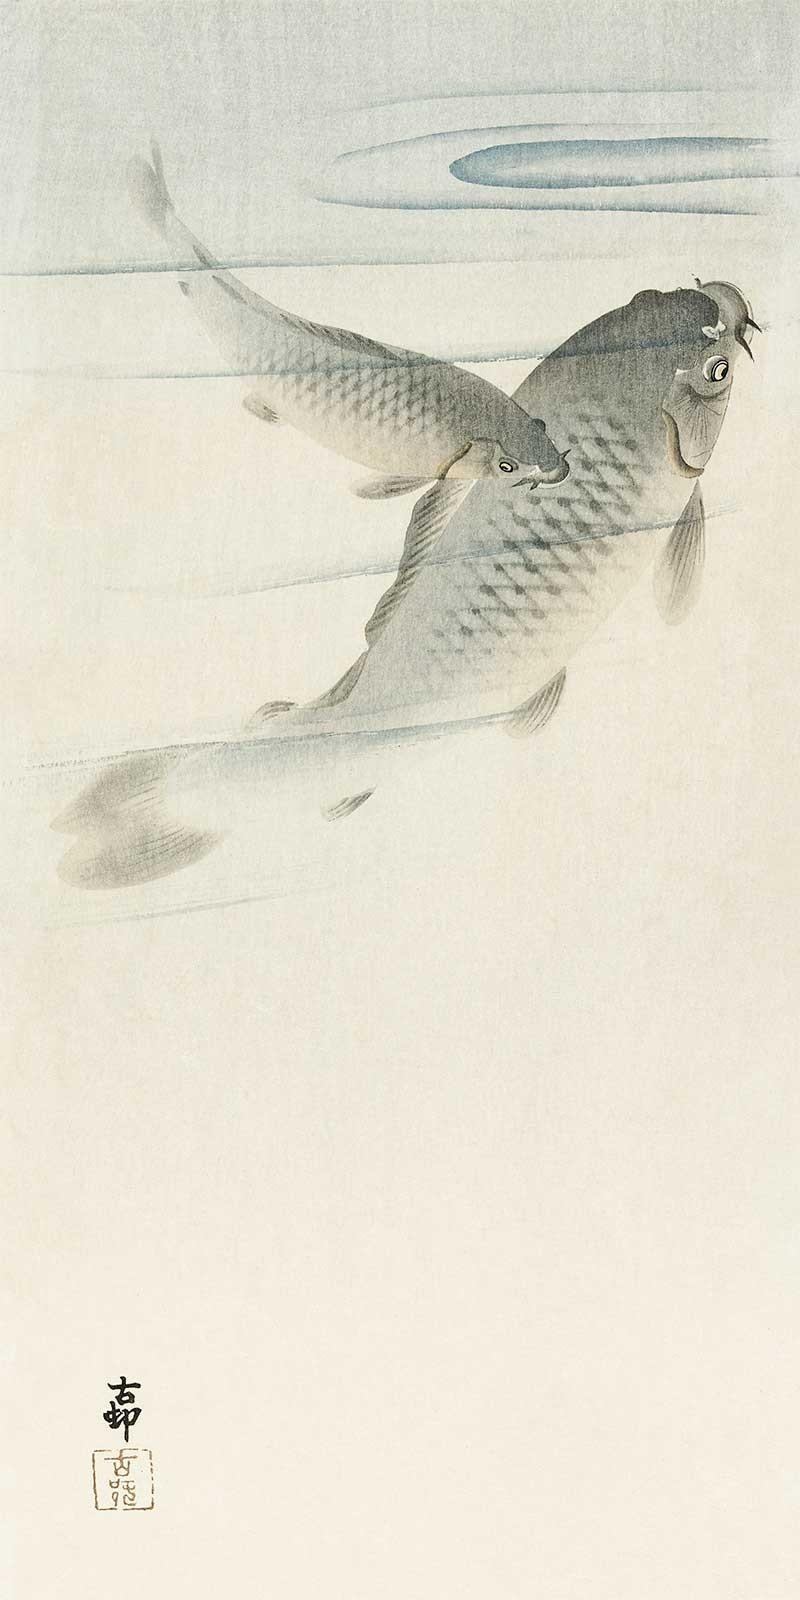 Carpa de Ohara